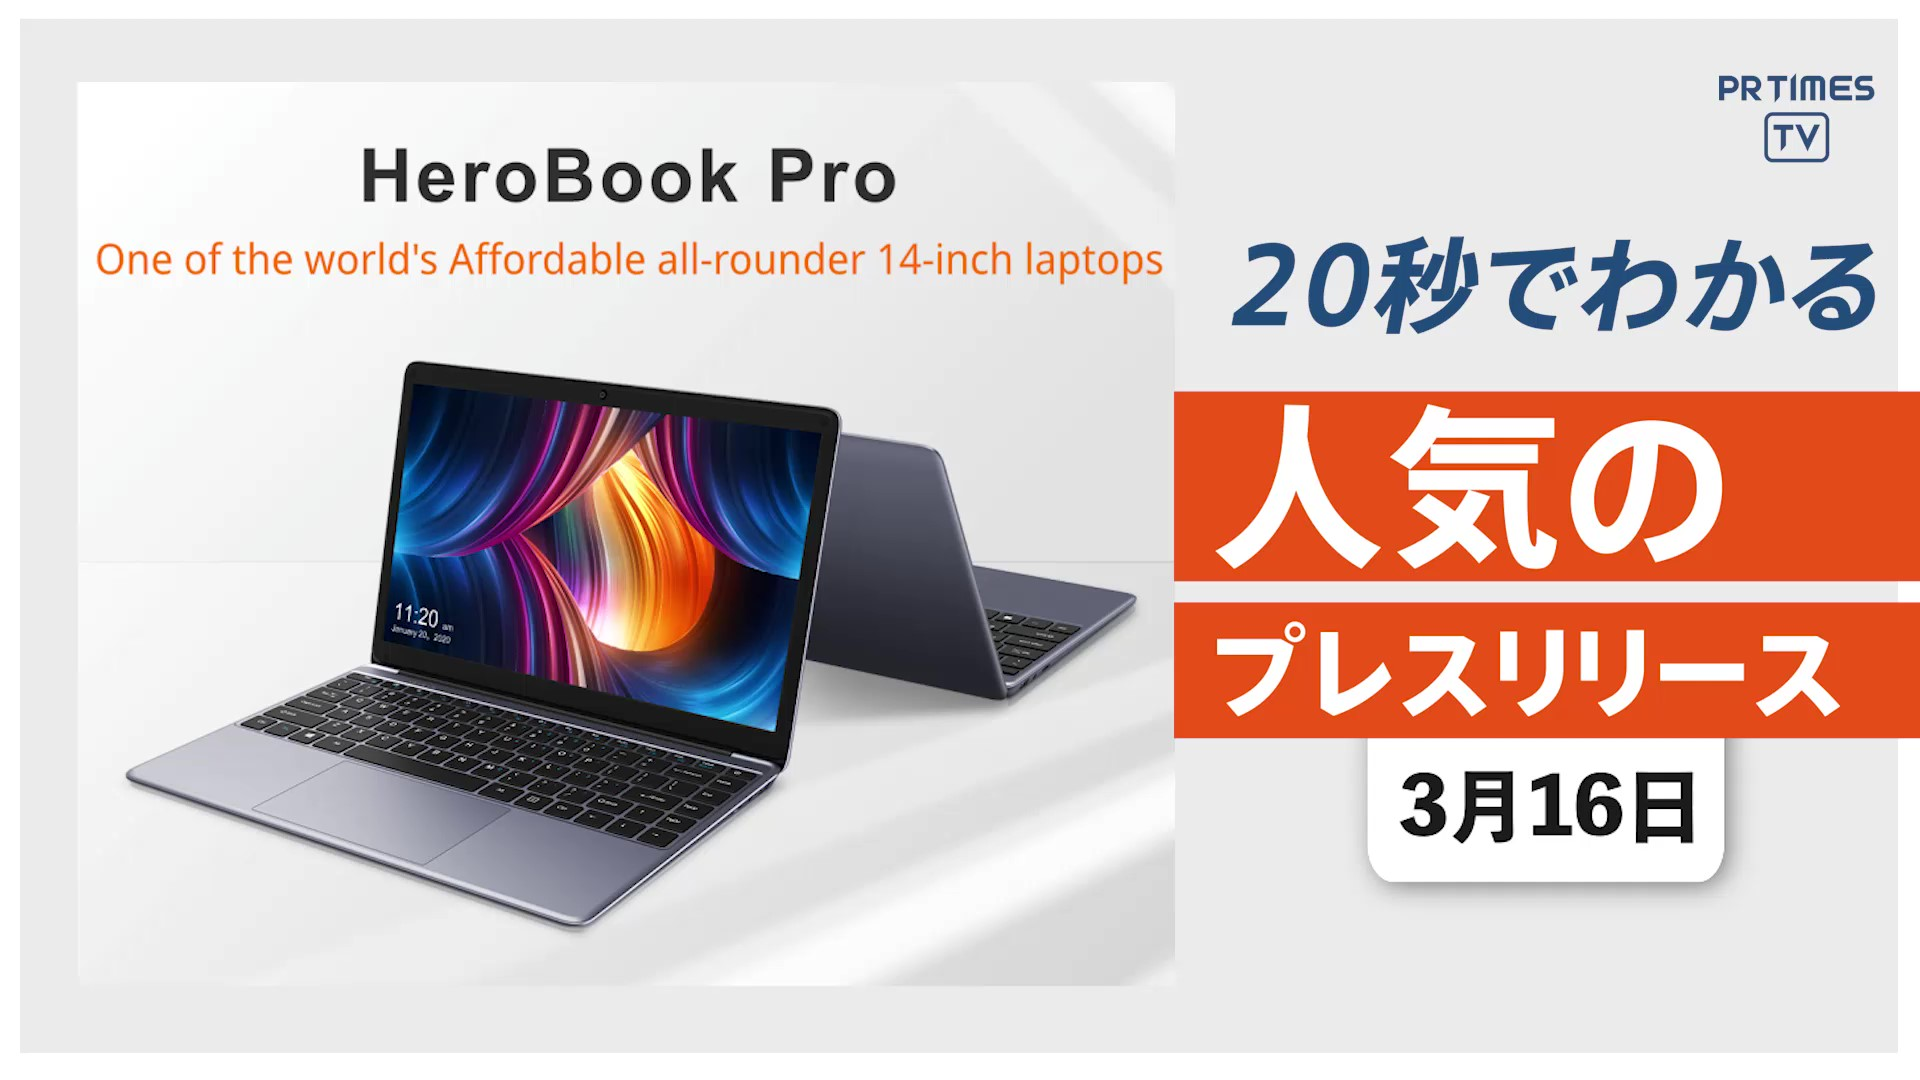 【高コスパノートPC「HeroBook」の後継モデルを発売】他、新着トレンド3月16日